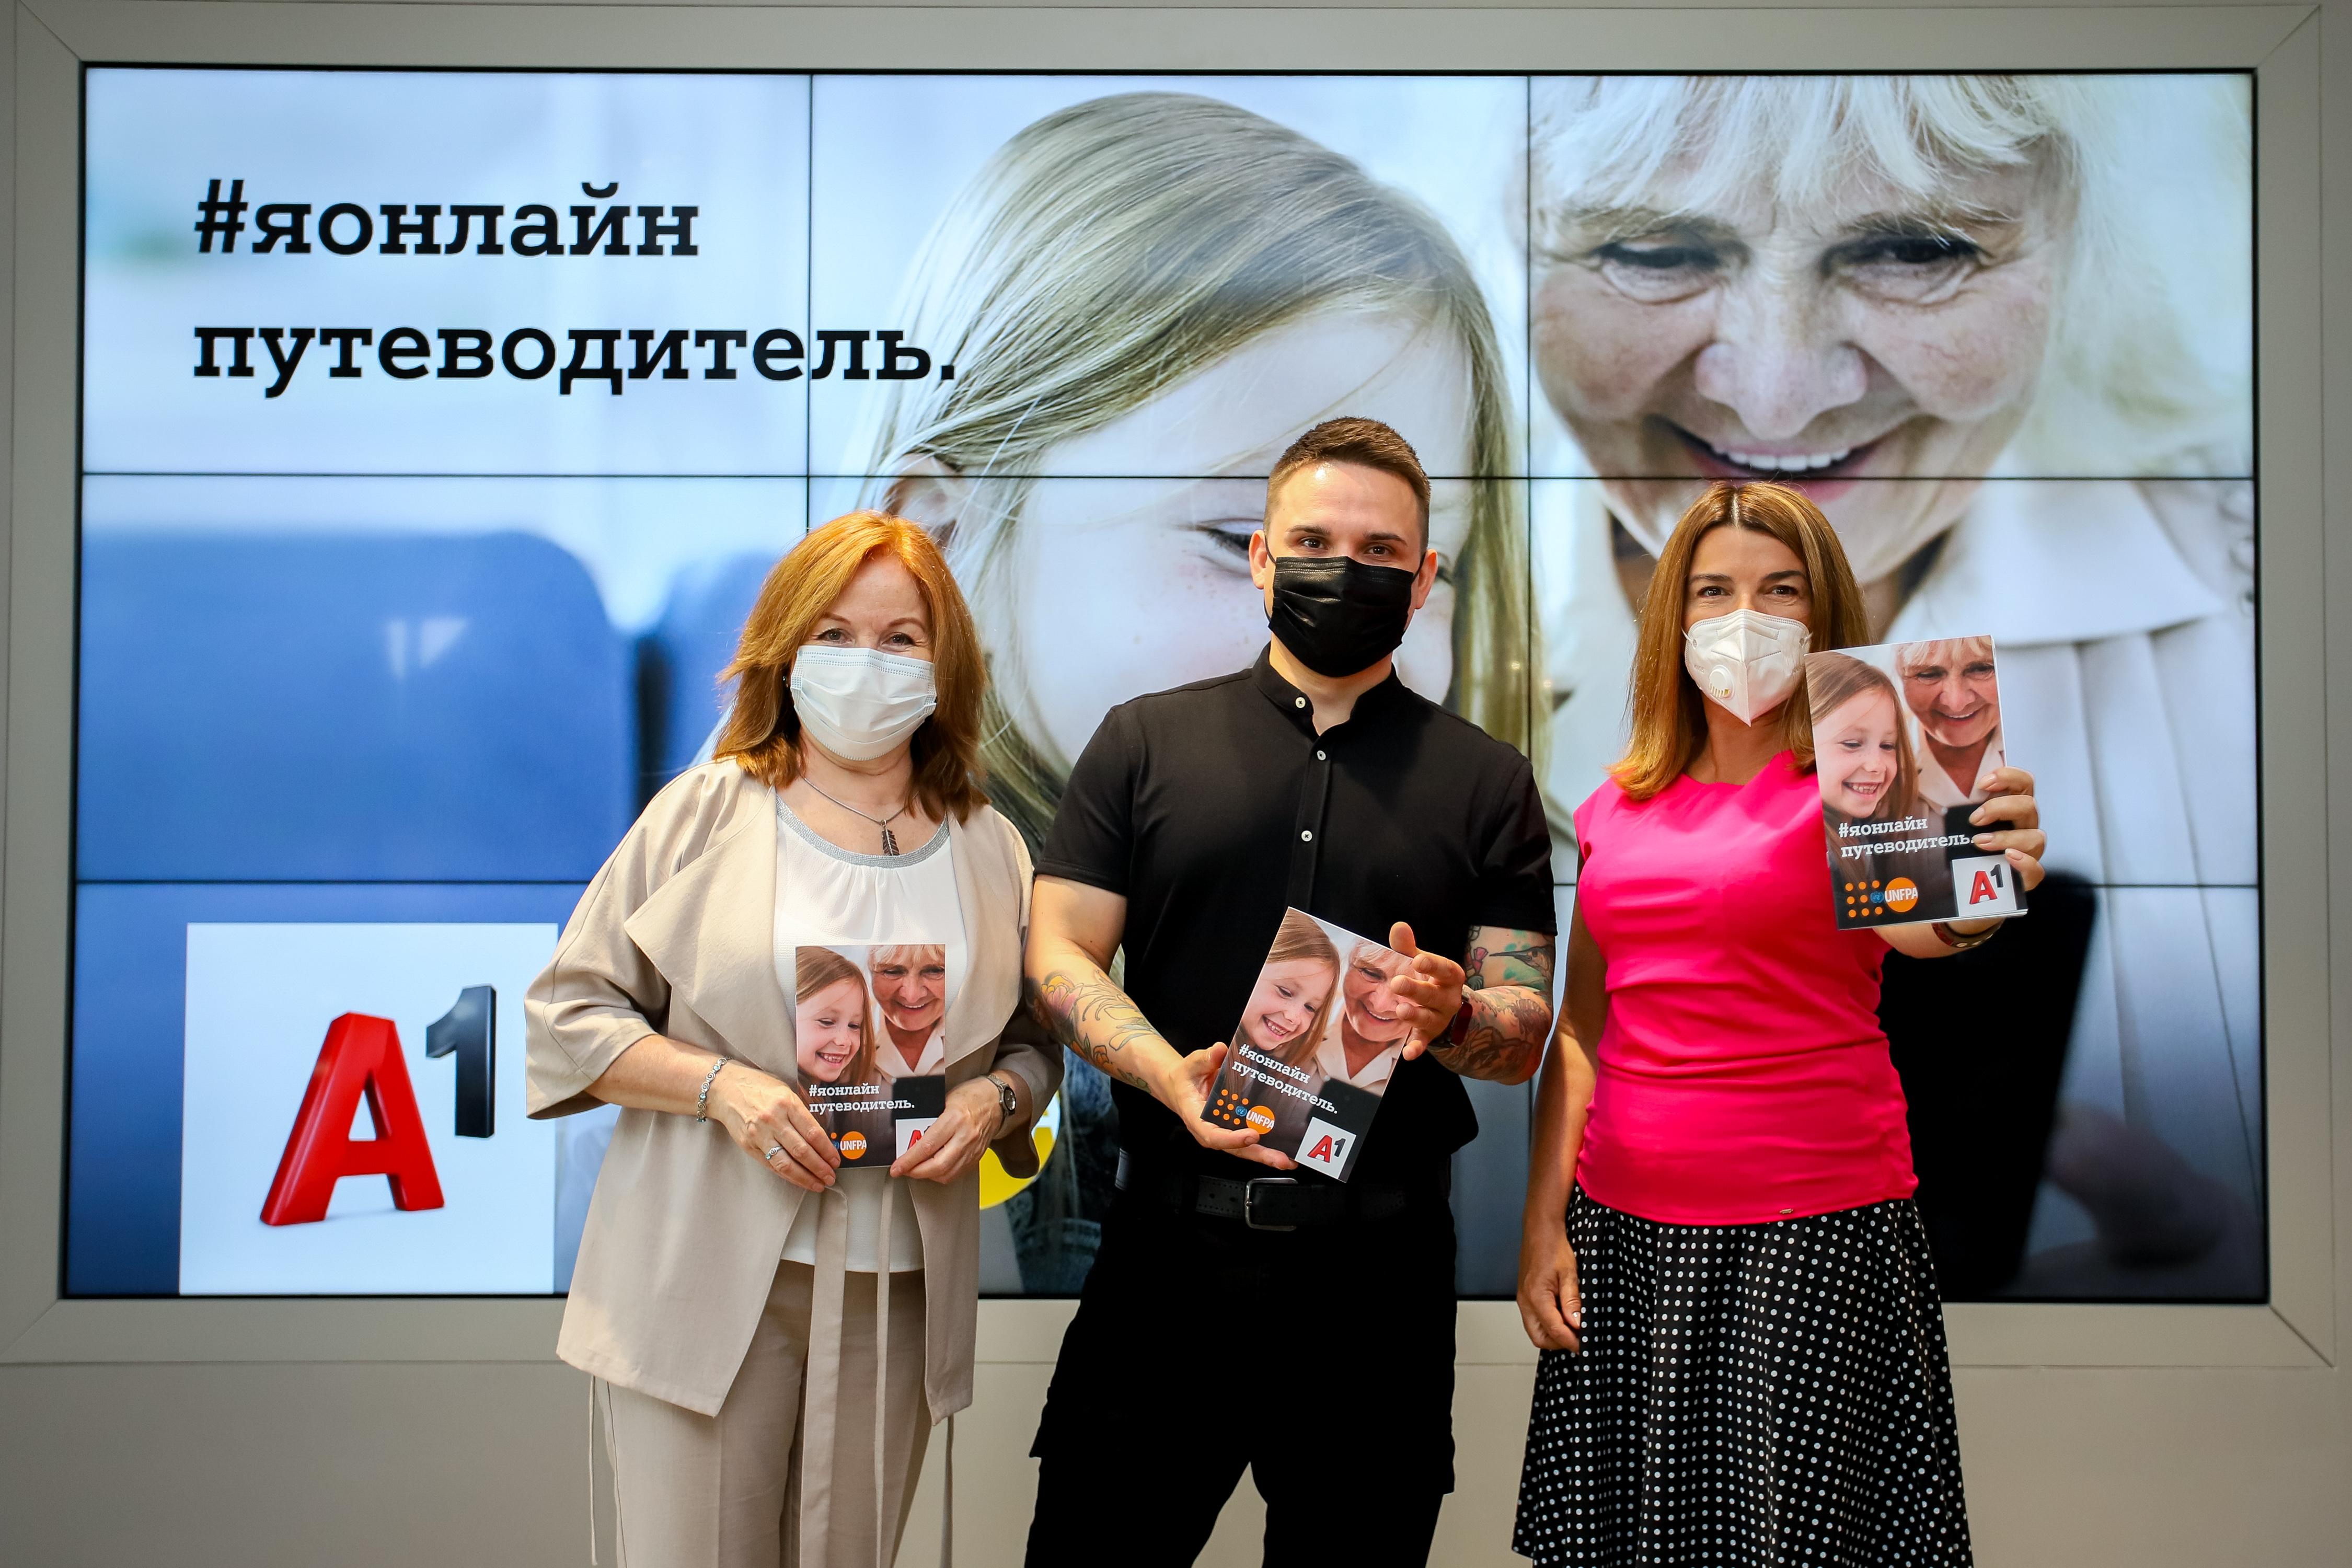 ЮНФПА и А1 Беларусь: новая программа по повышению цифровой грамотности людей старшего возраста